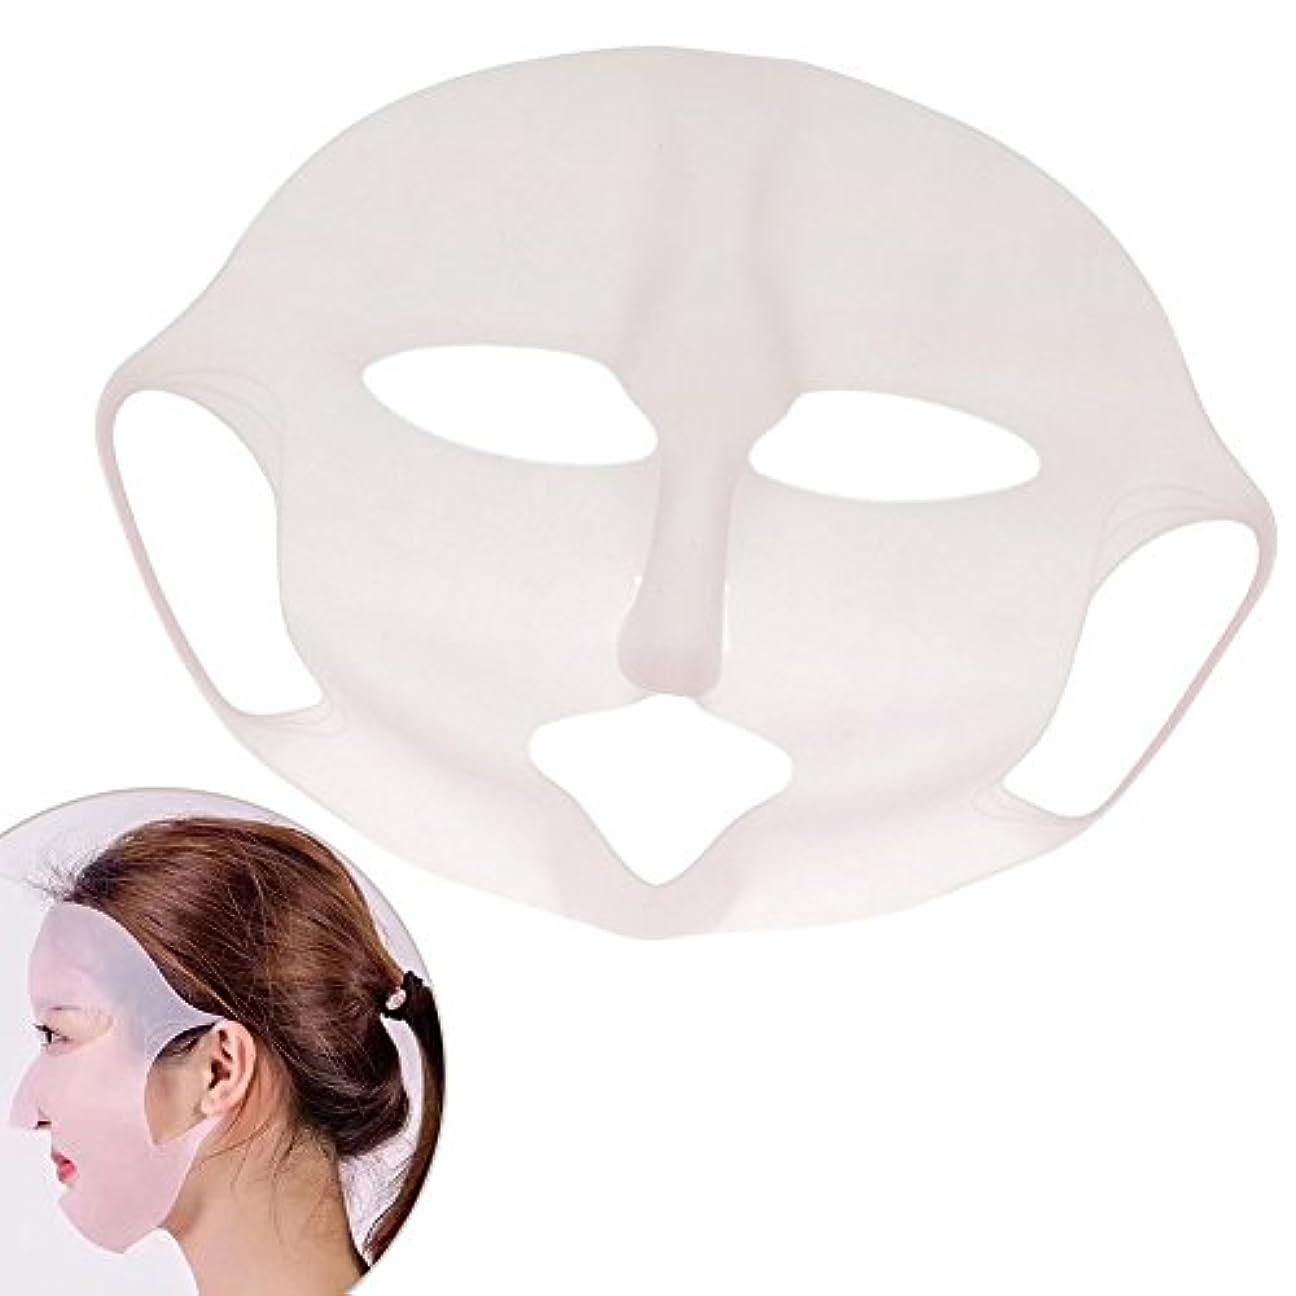 つなぐクラフト削減フェイスパックカバー シリコンマスク フェイスマスク 美容液 防蒸発 保湿 便利なグッズ 吸収 3枚入り 21cm